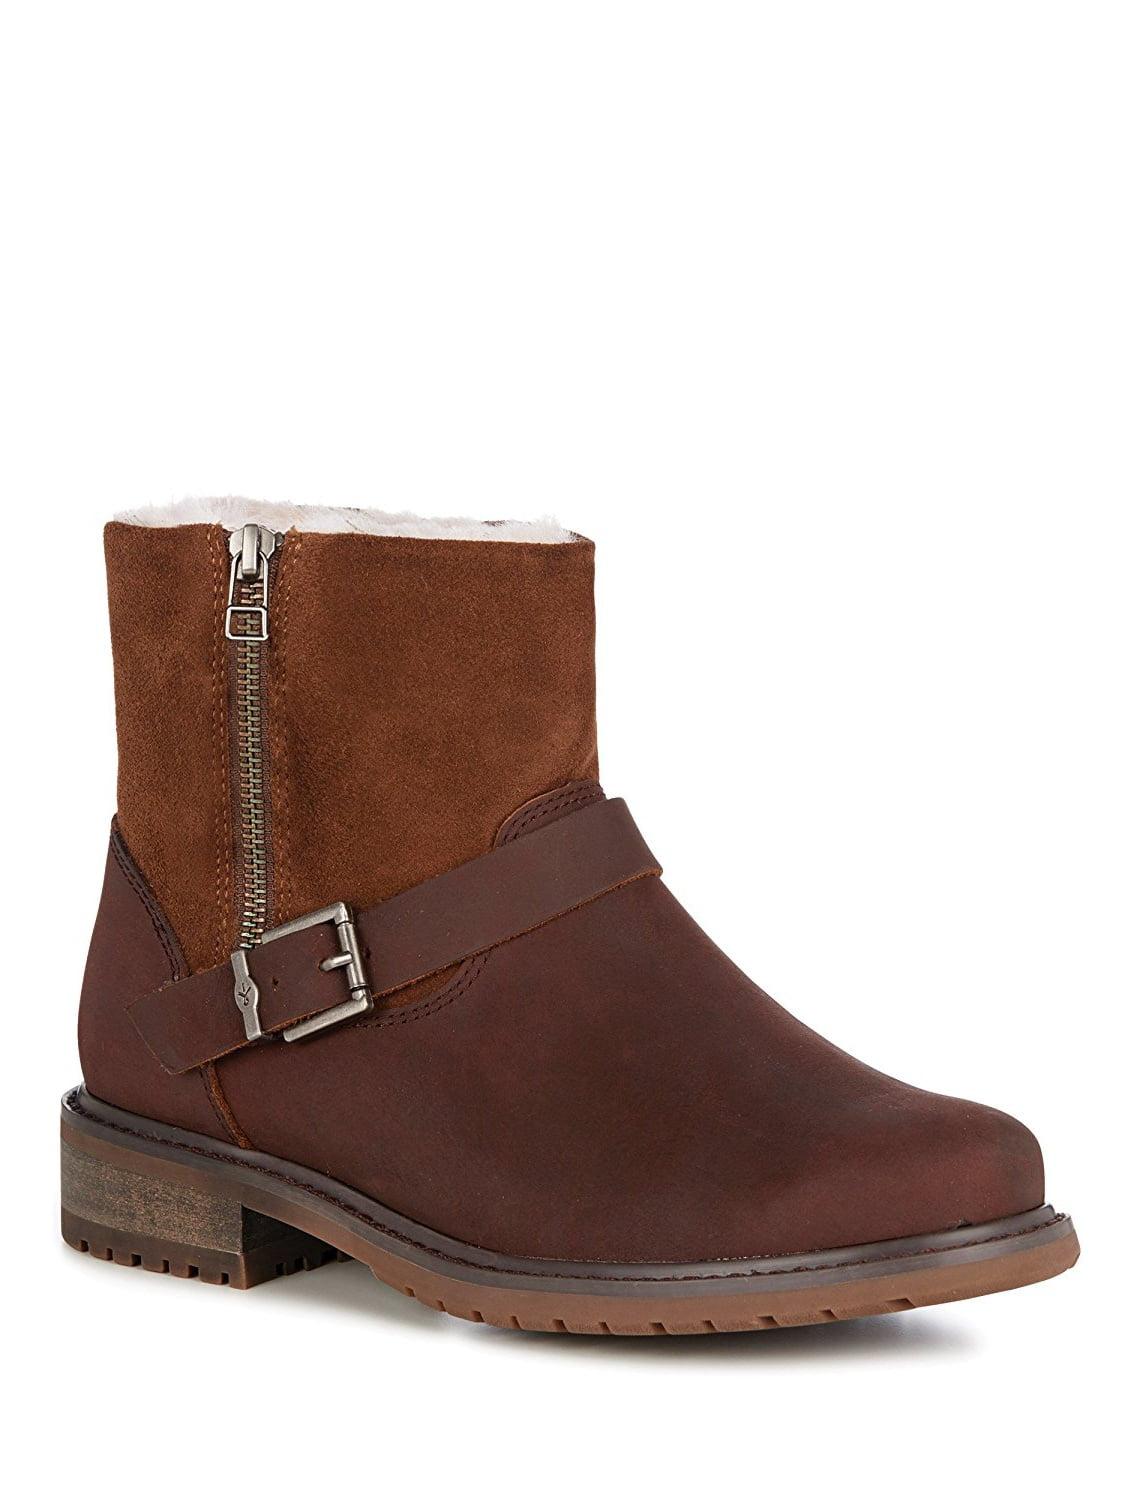 EMU Australia Roadside Womens Deluxe Wool Waterproof Boots in Oak